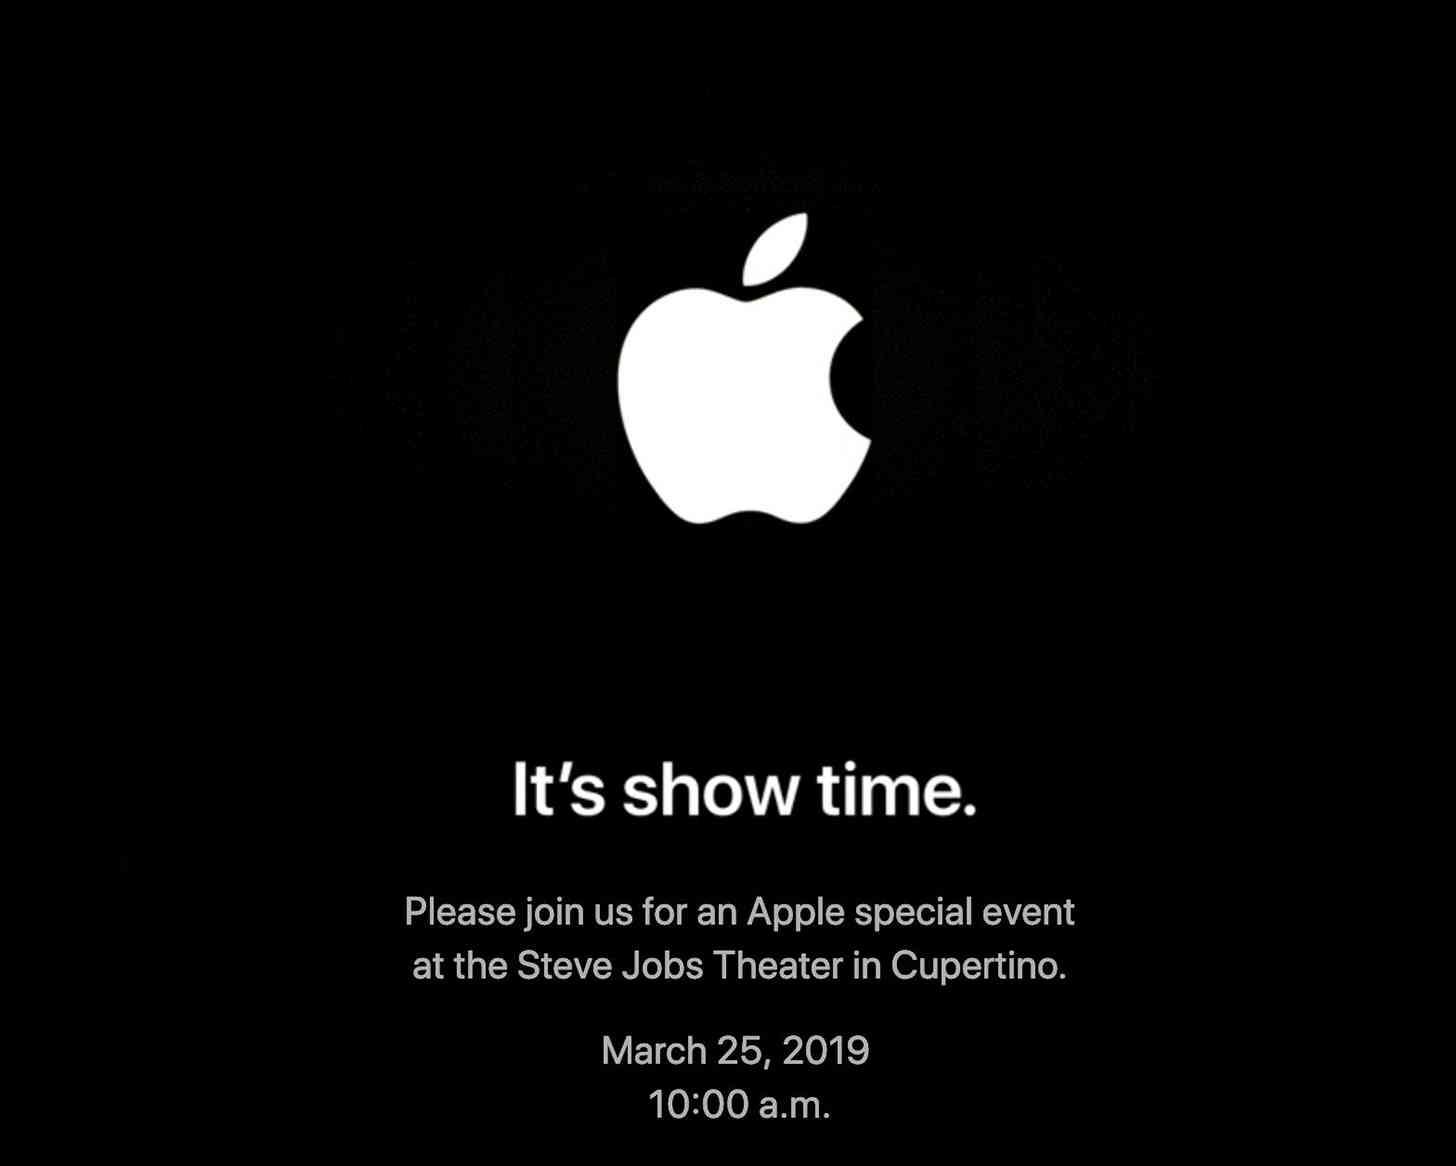 Apple March 25 event invitation